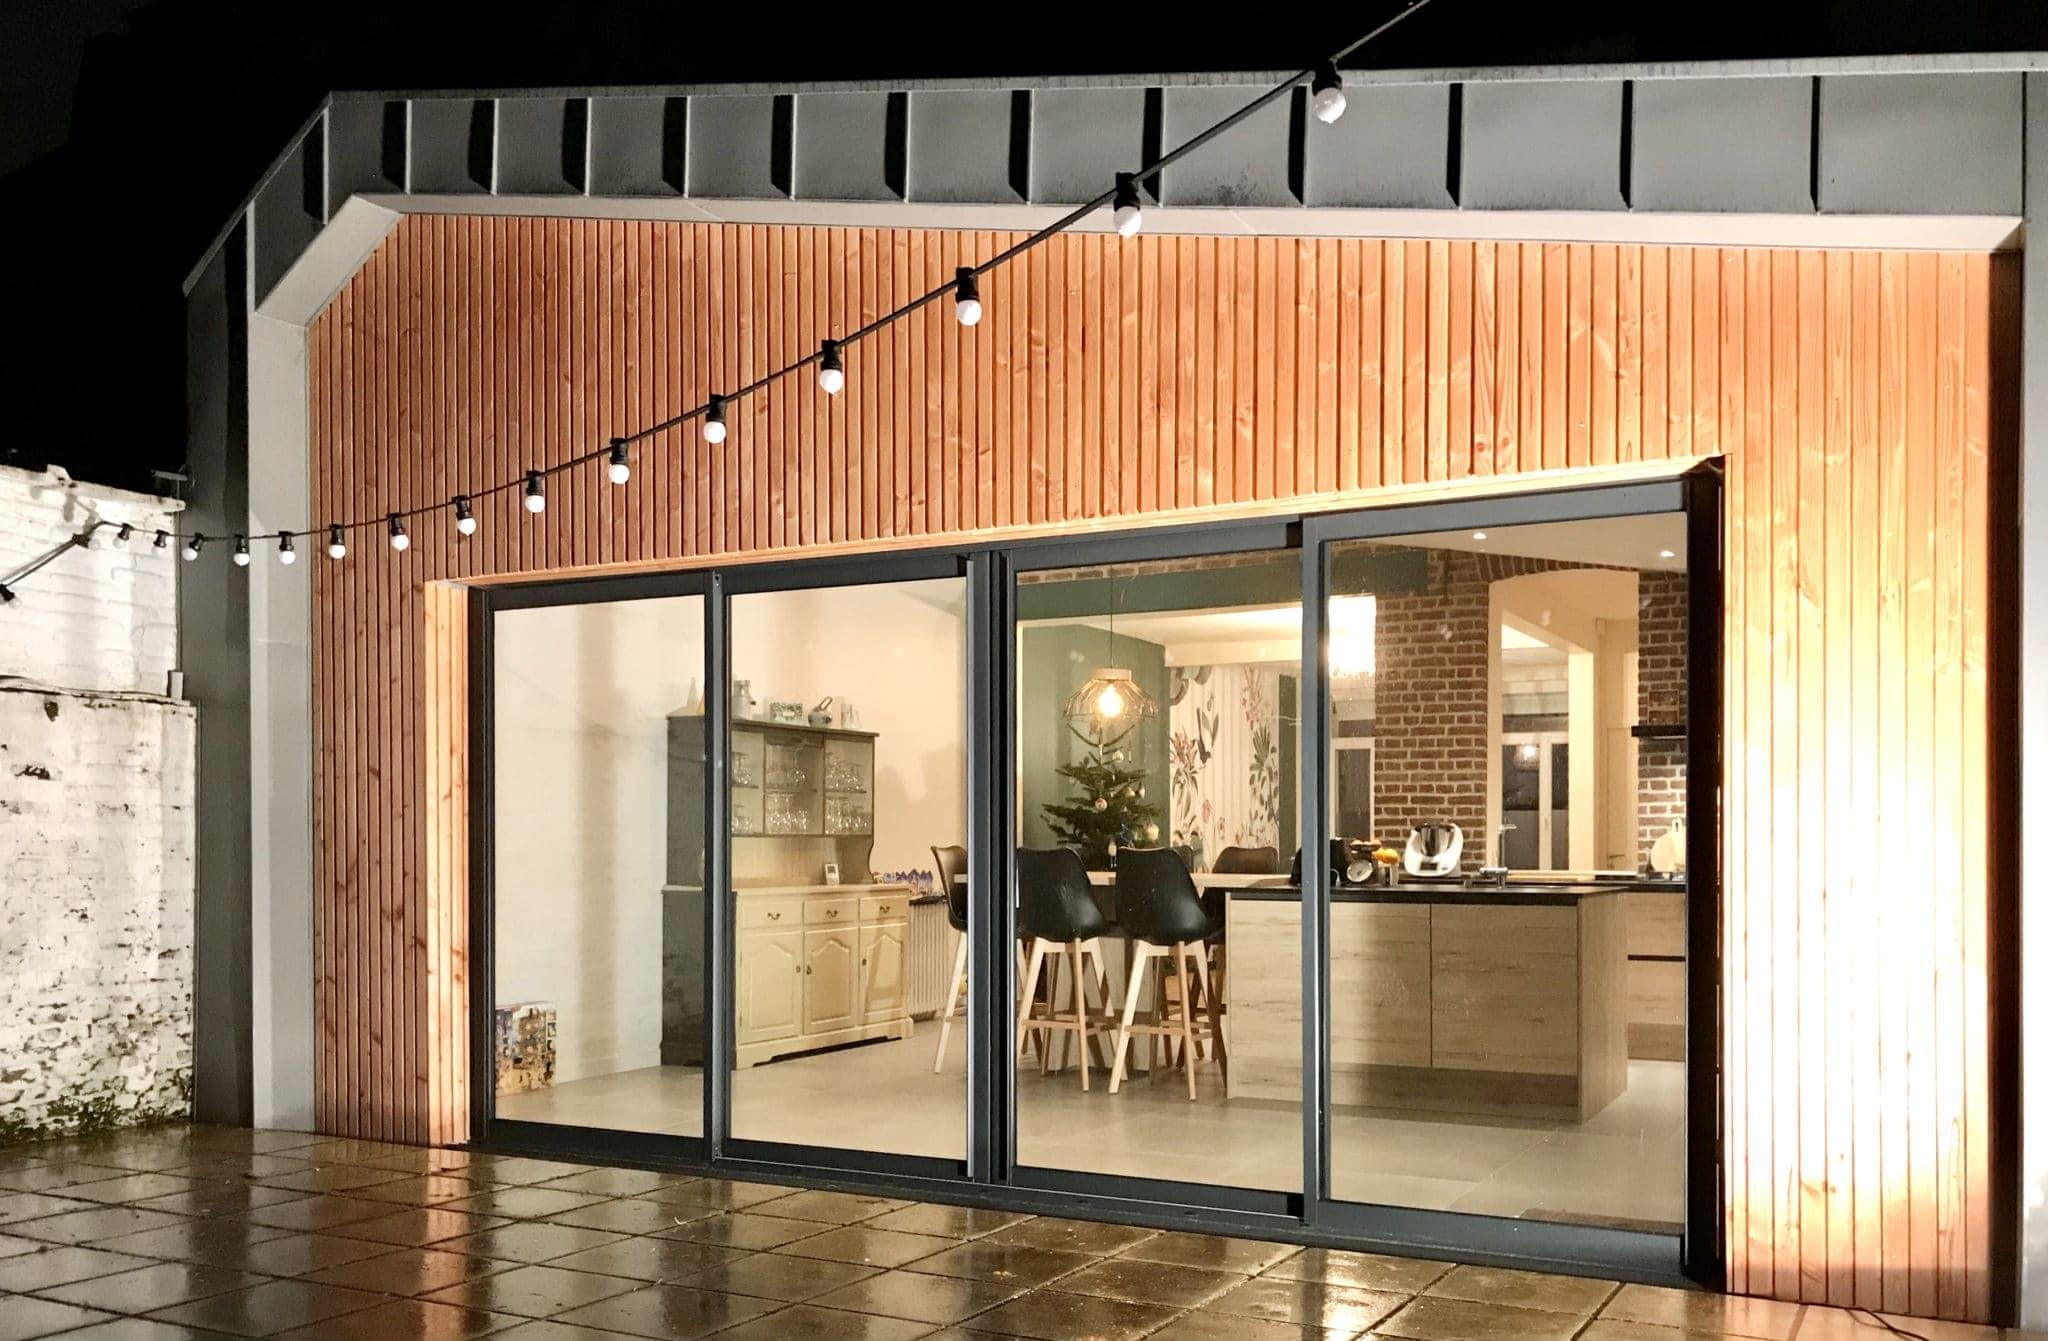 extension avec bardage bois et baie vitrée 4 vantaux aluminium